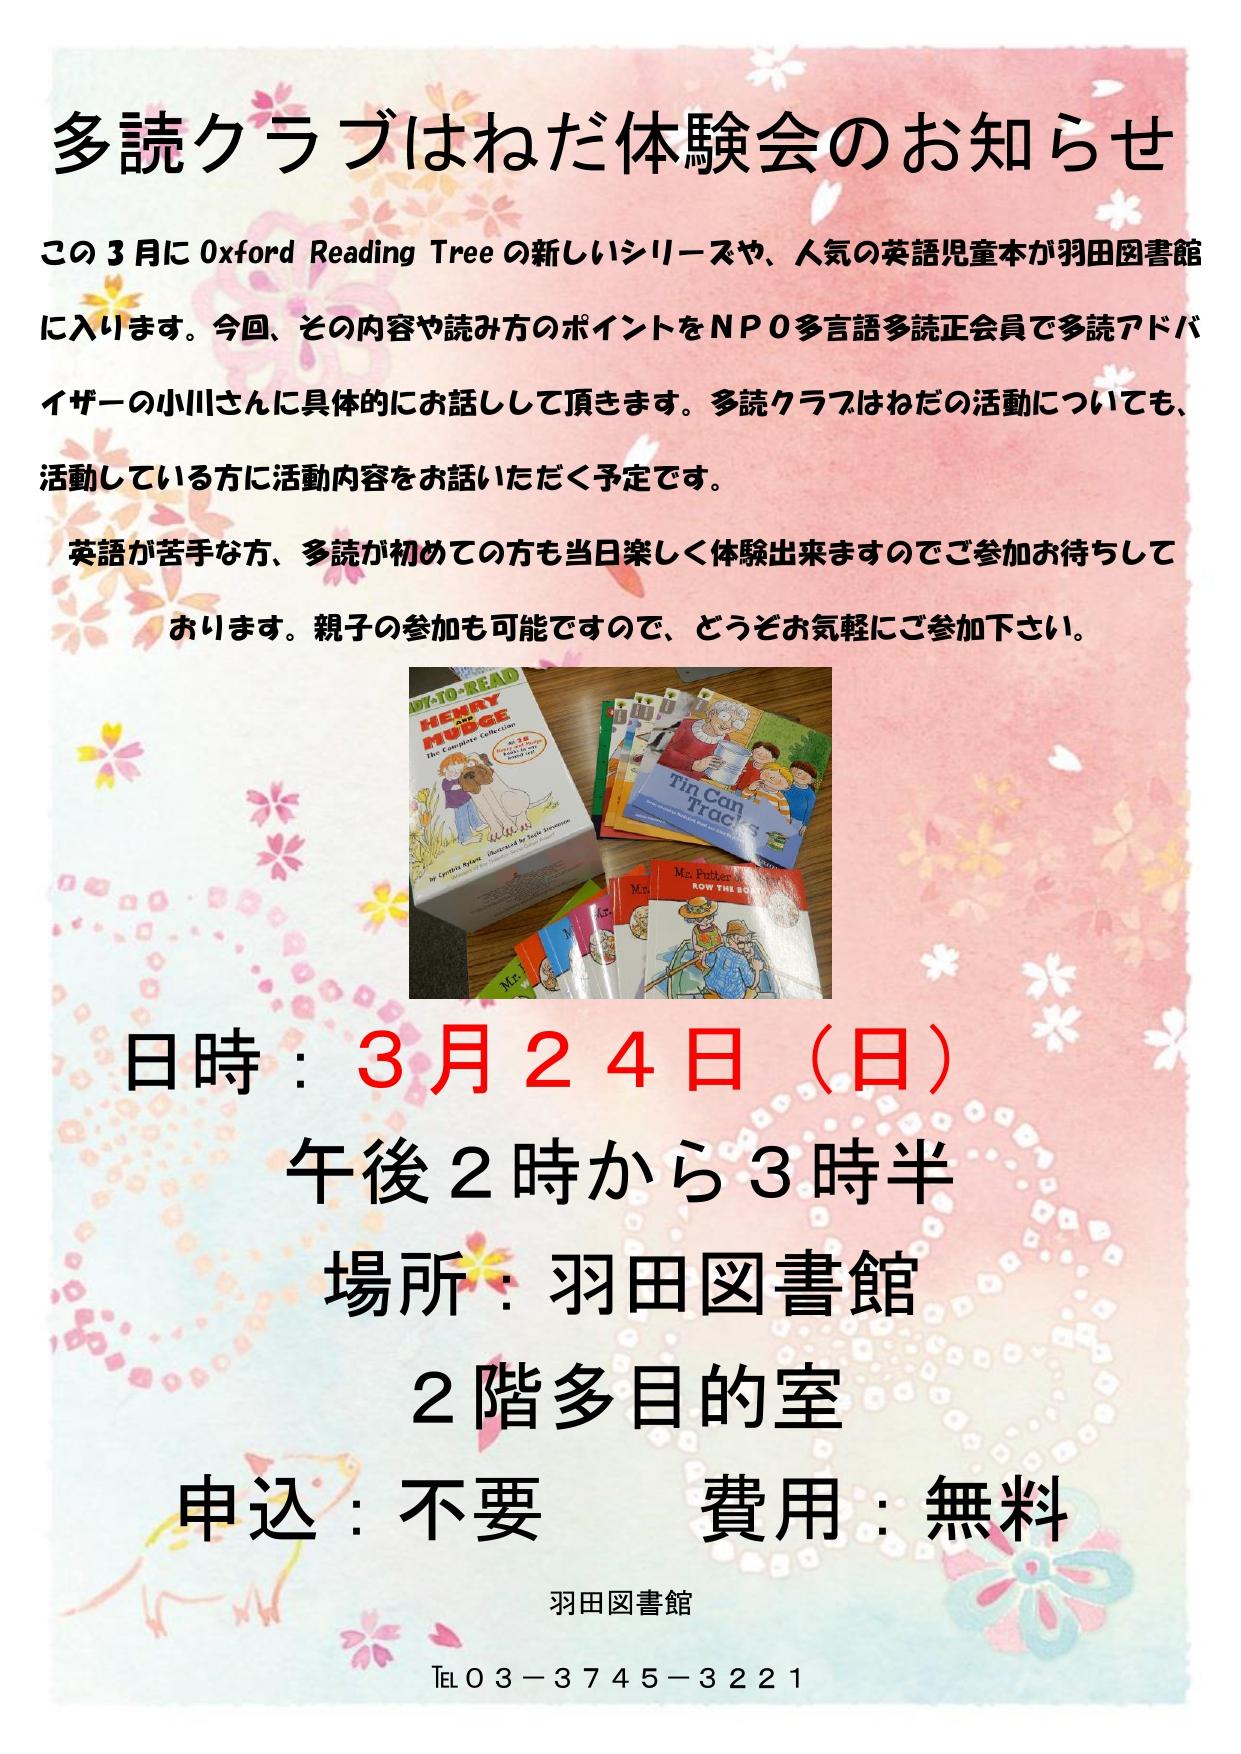 多読体験会_pages-to-jpg-0001